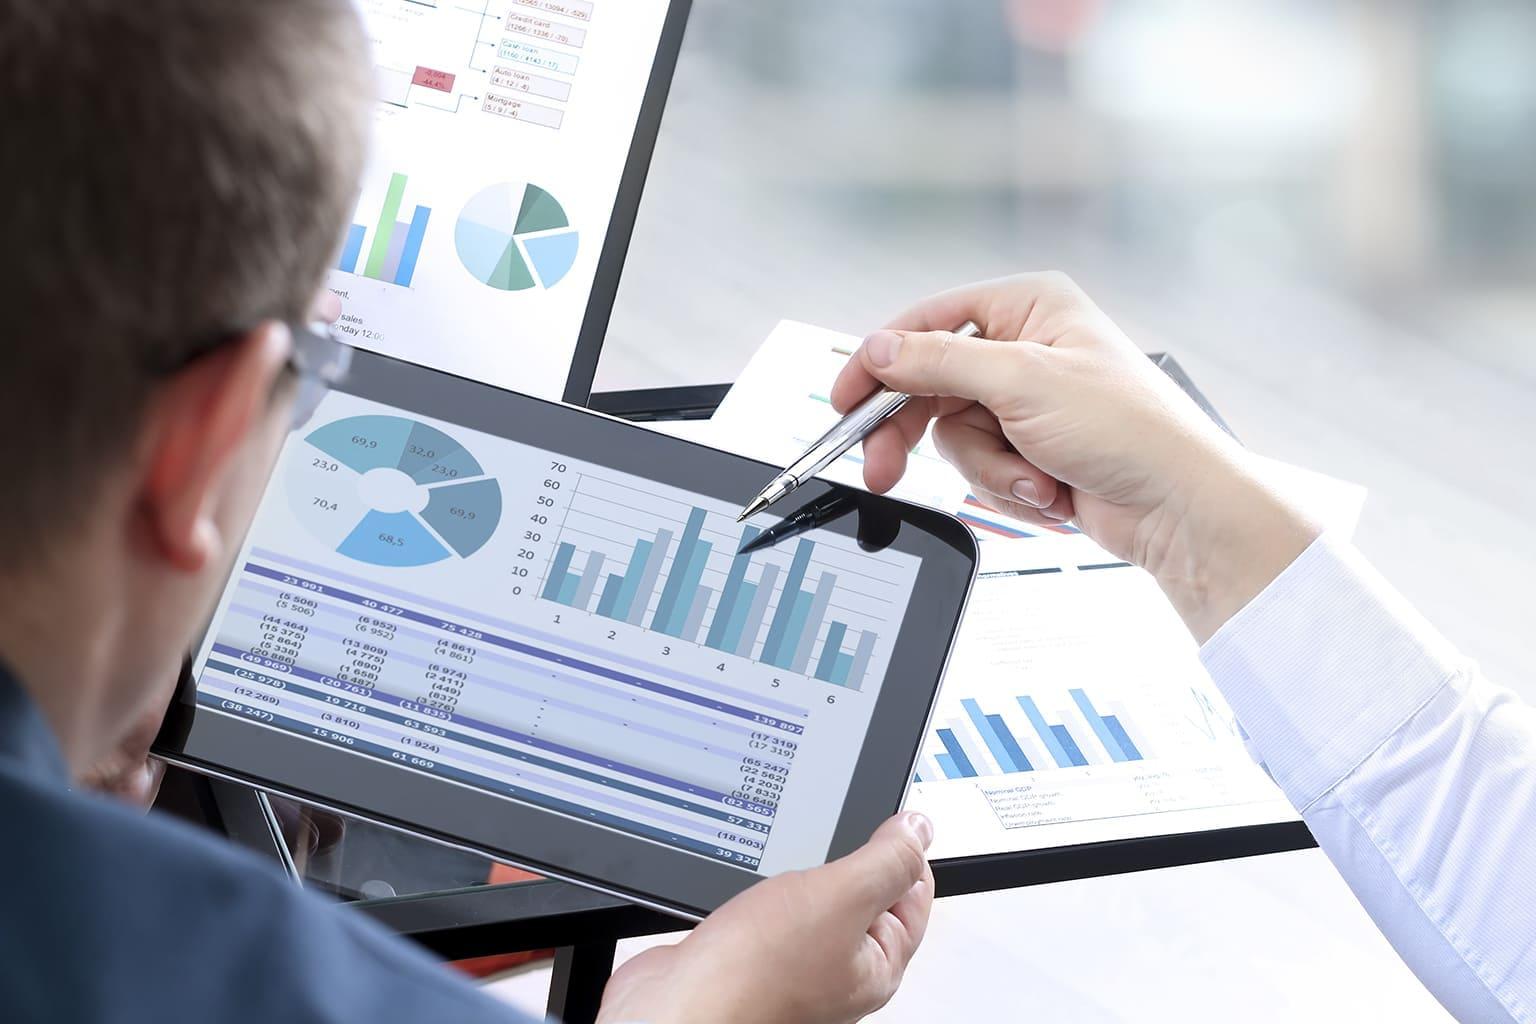 Man kijkt naar koppeling met grafiek over boekhouding